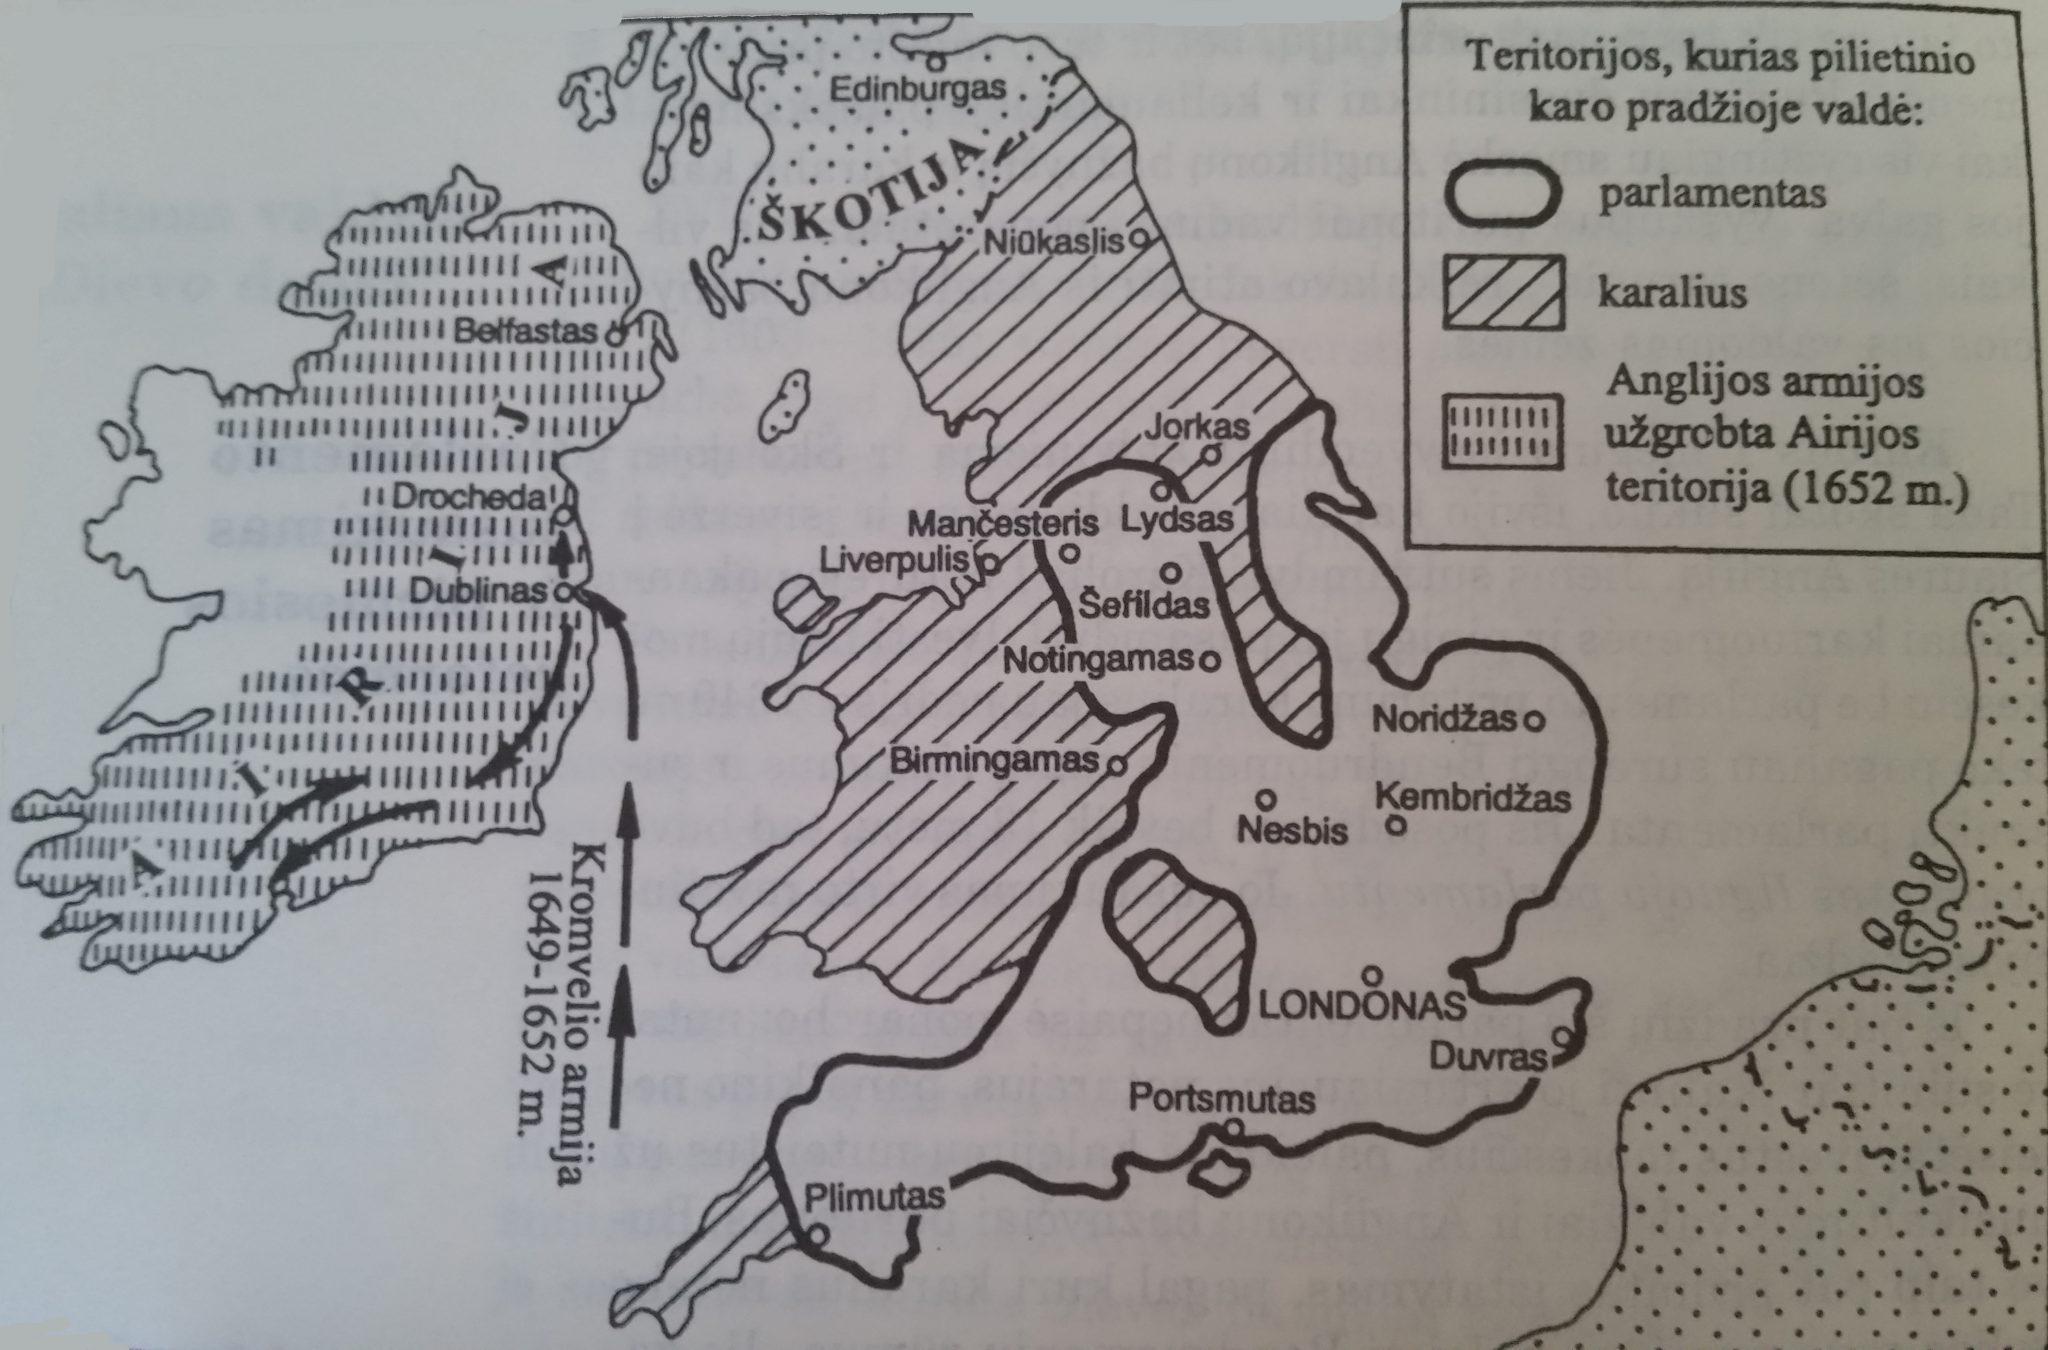 Anglijos pilietinio karo žemėlapis